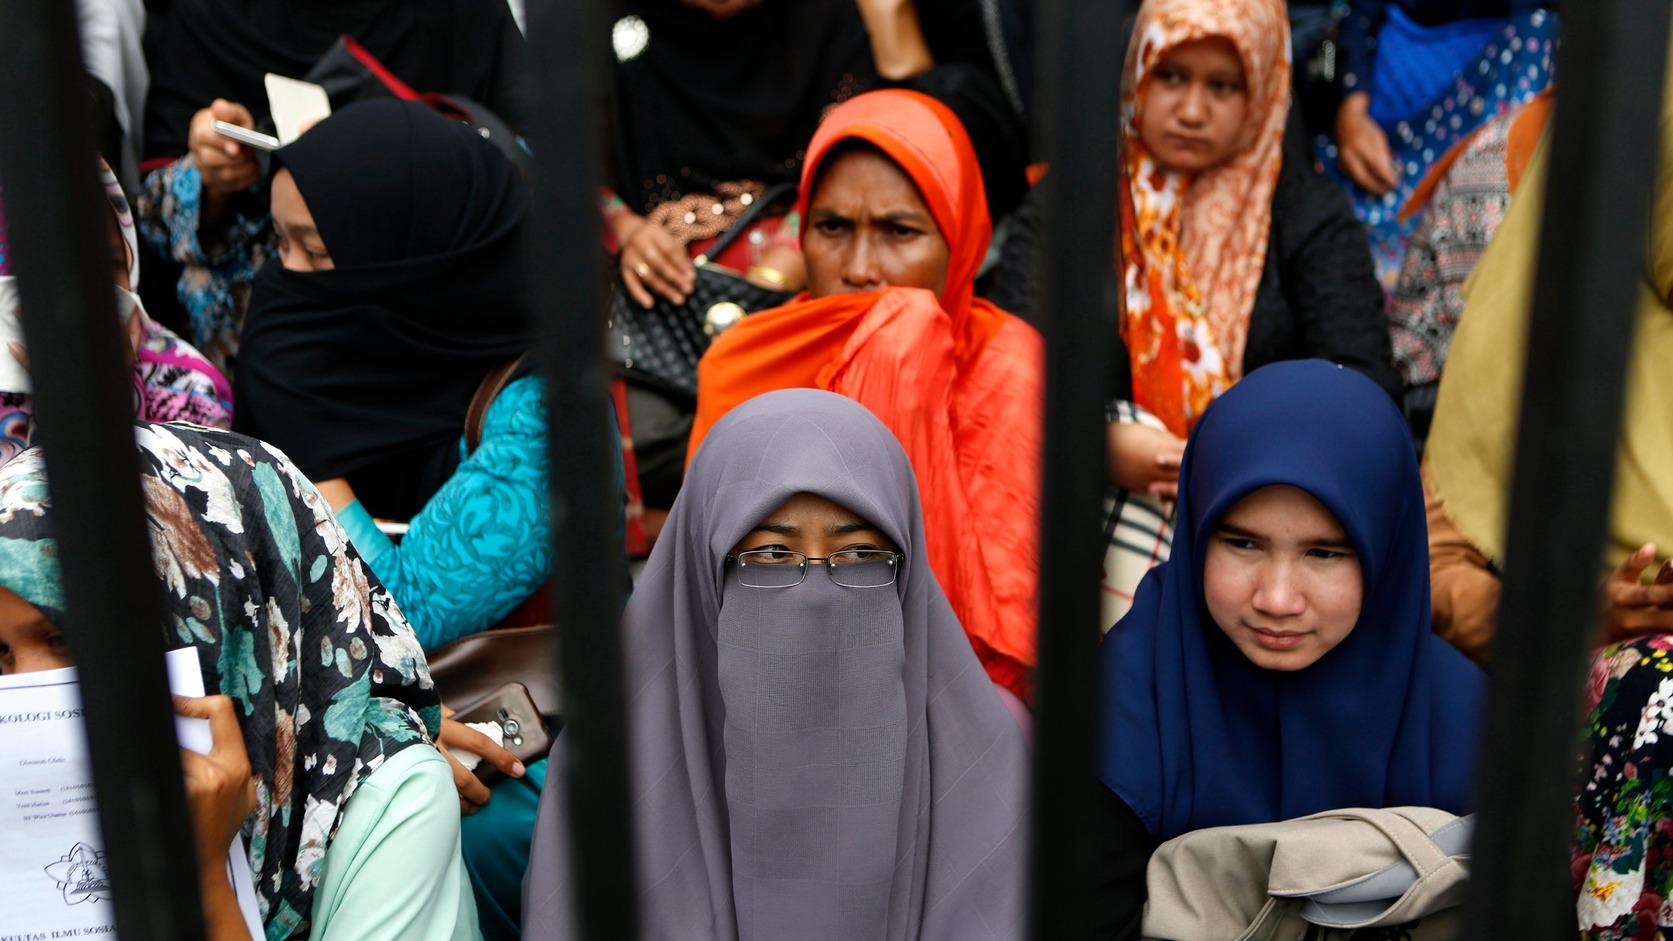 Banda Aceh, 2017. május 23. Homoszexuális viszonya miatt elítélt két férfi nyilvános megbotozását nézik muzulmán nők az indonéziai Aceh tartomány székhelyén, Banda Acehben 2017. május 23-án. Az iszlám vallási törvénykezés, a saría ellen homoszexualitásával vétő párt fejenként 85 botütésre ítélték. A botozás az Aceh tartományban alkalmazott saría egyik büntetési formája. (MTI/EPA/Hotli Simanjuntak)